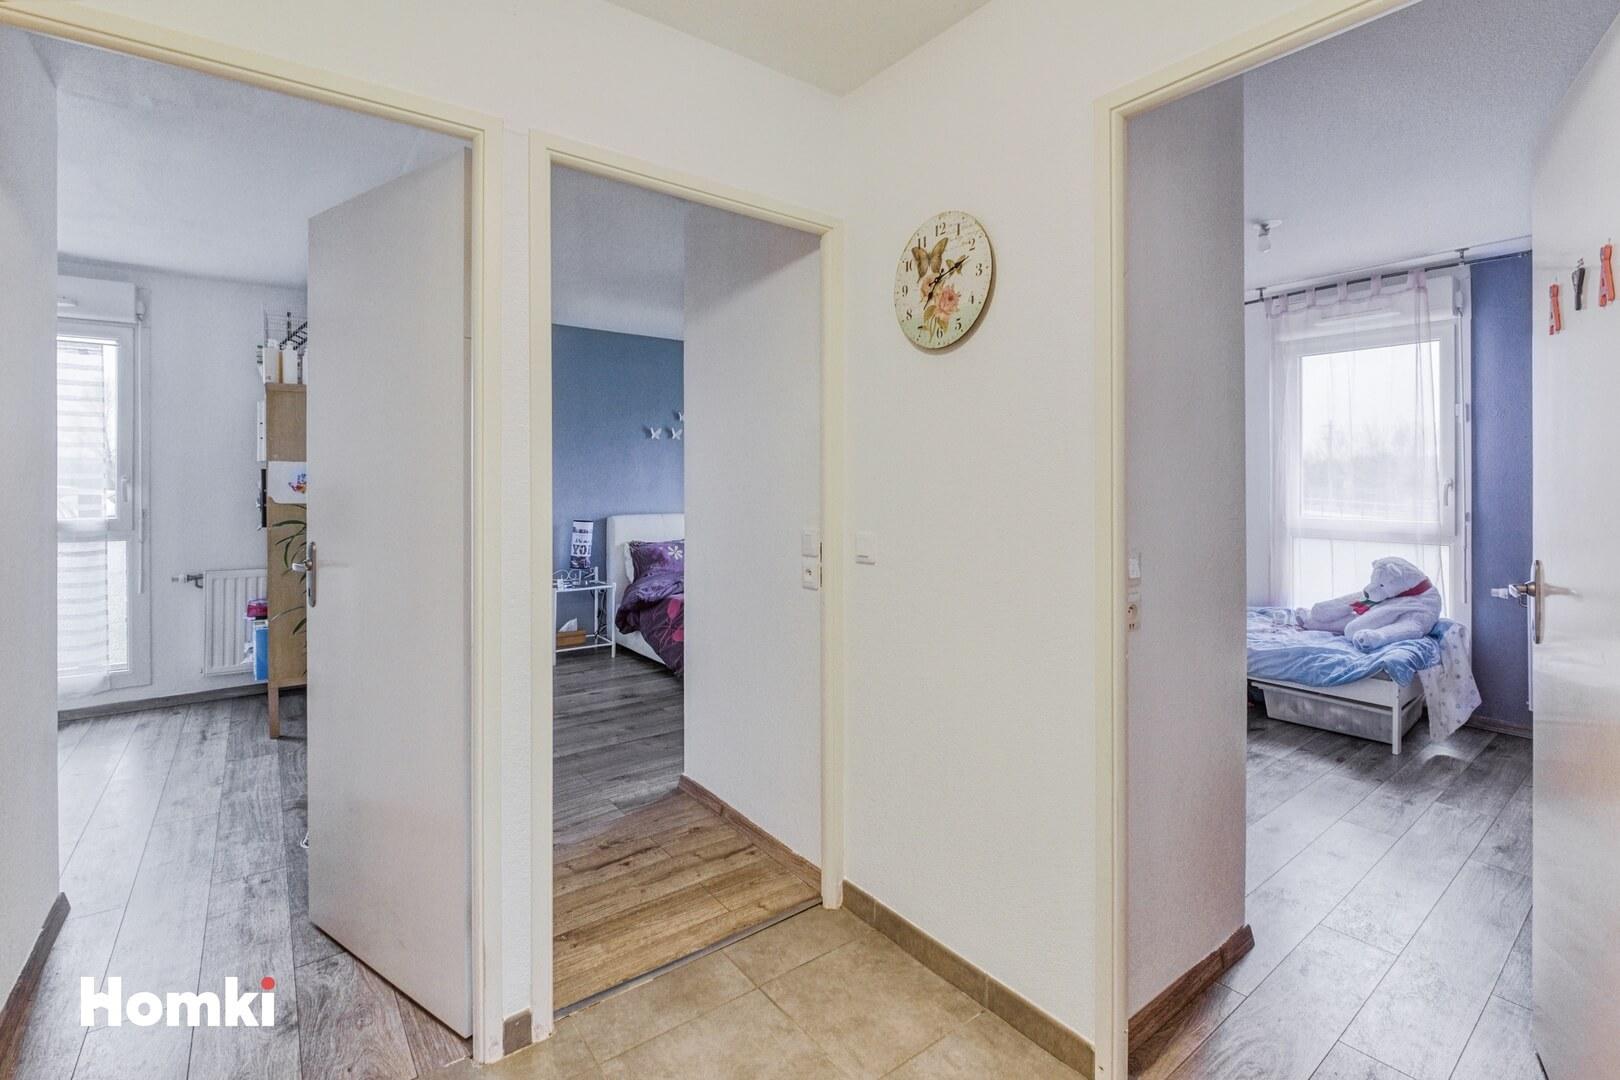 Homki - Vente Appartement  de 77.0 m² à Launaguet 31140